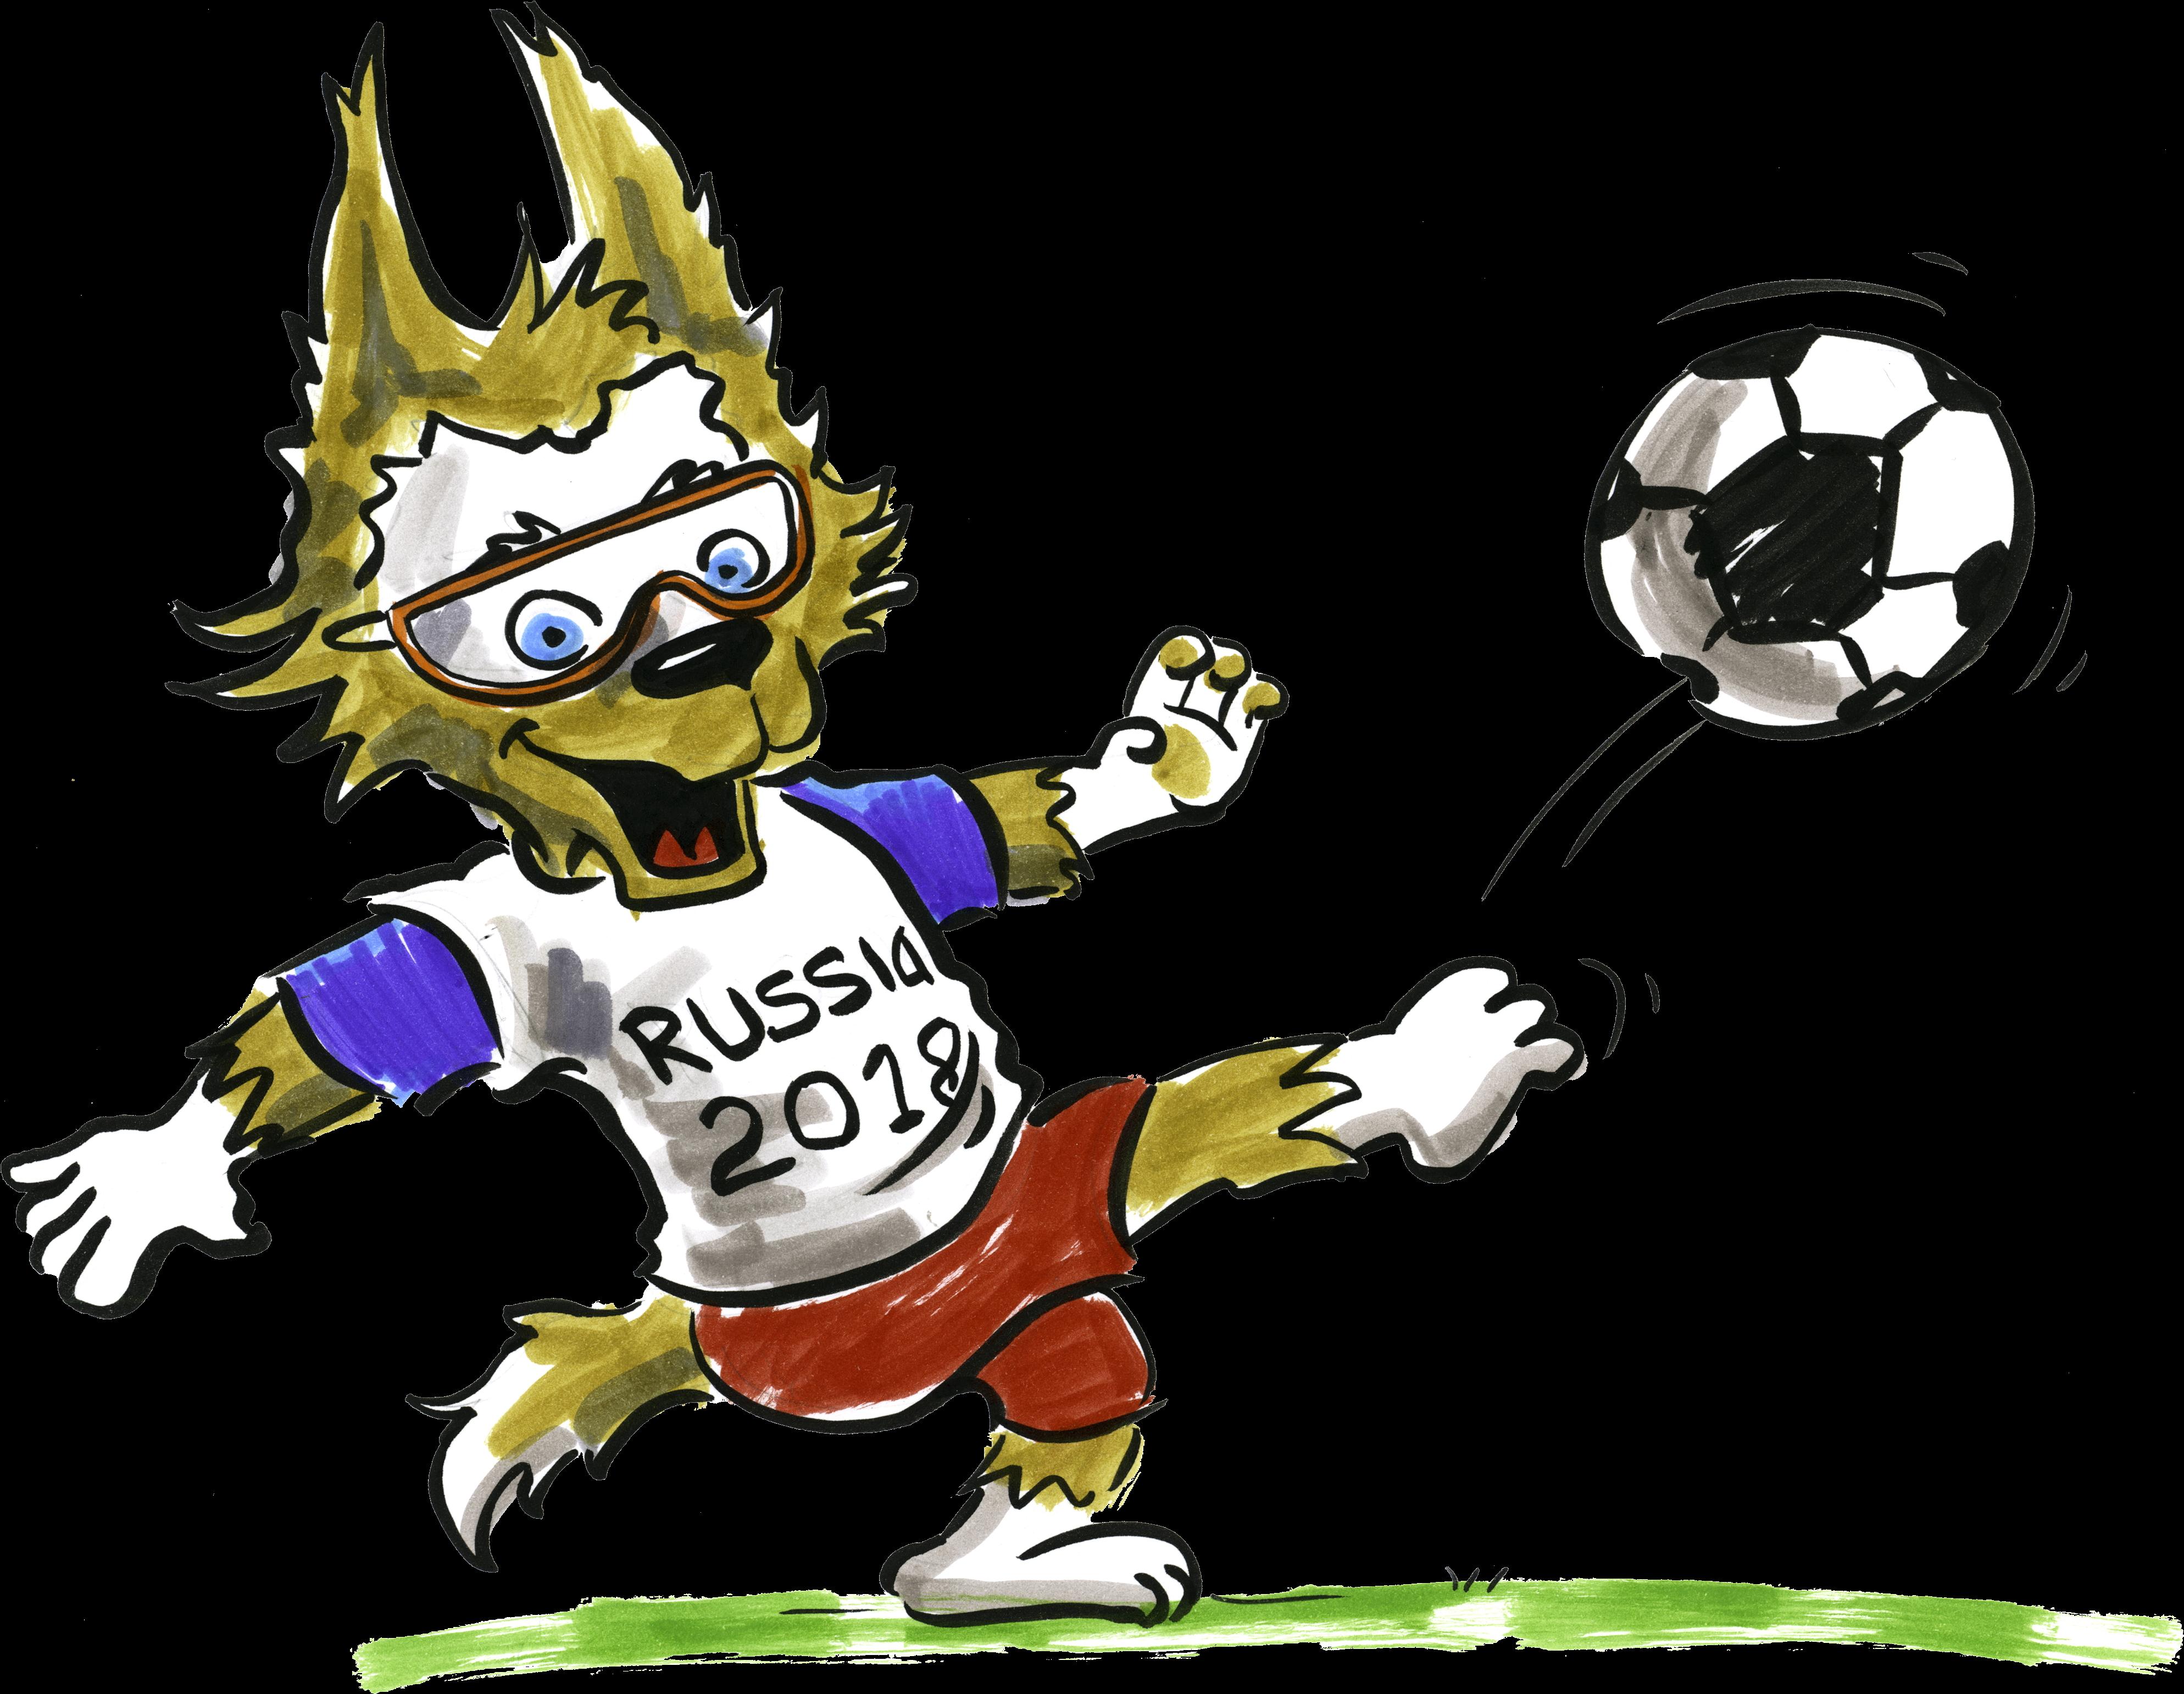 Fussball Russland Wo Fussball Wm 2018 Clipart Png